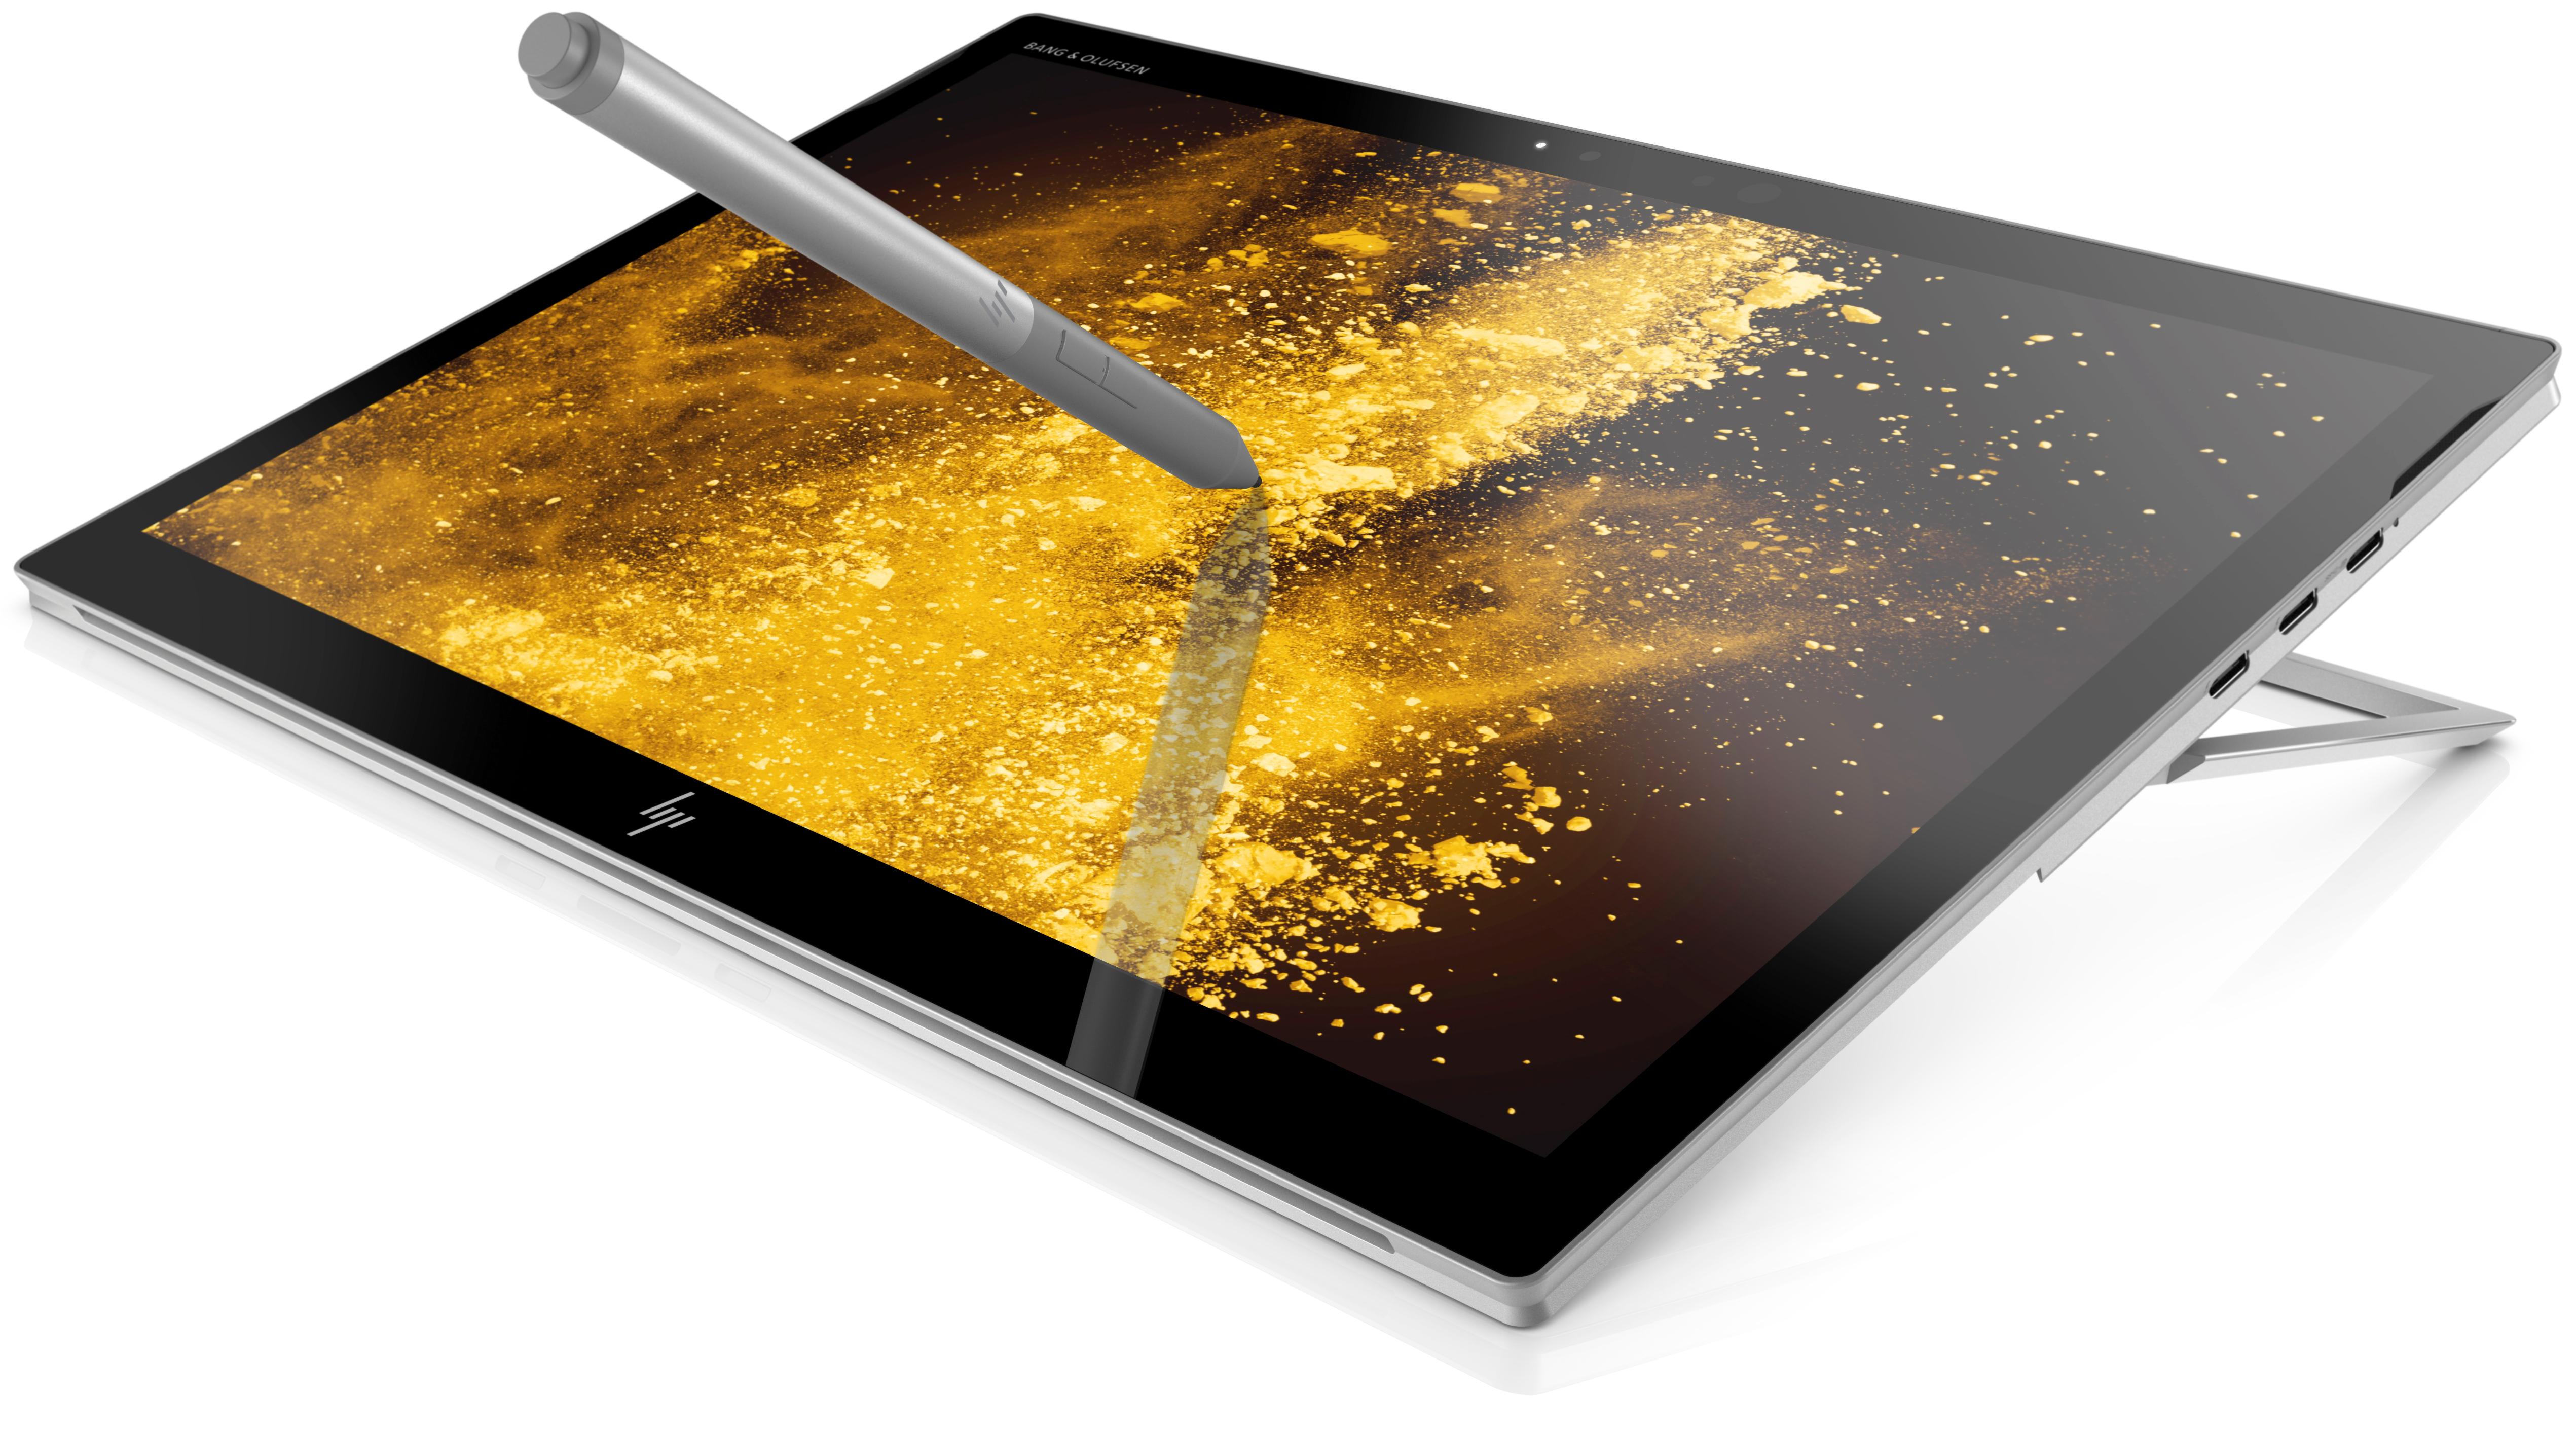 HP 13-inch Elite x2 1013 2-in-1 PC: Quad-Core, Thunderbolt 3